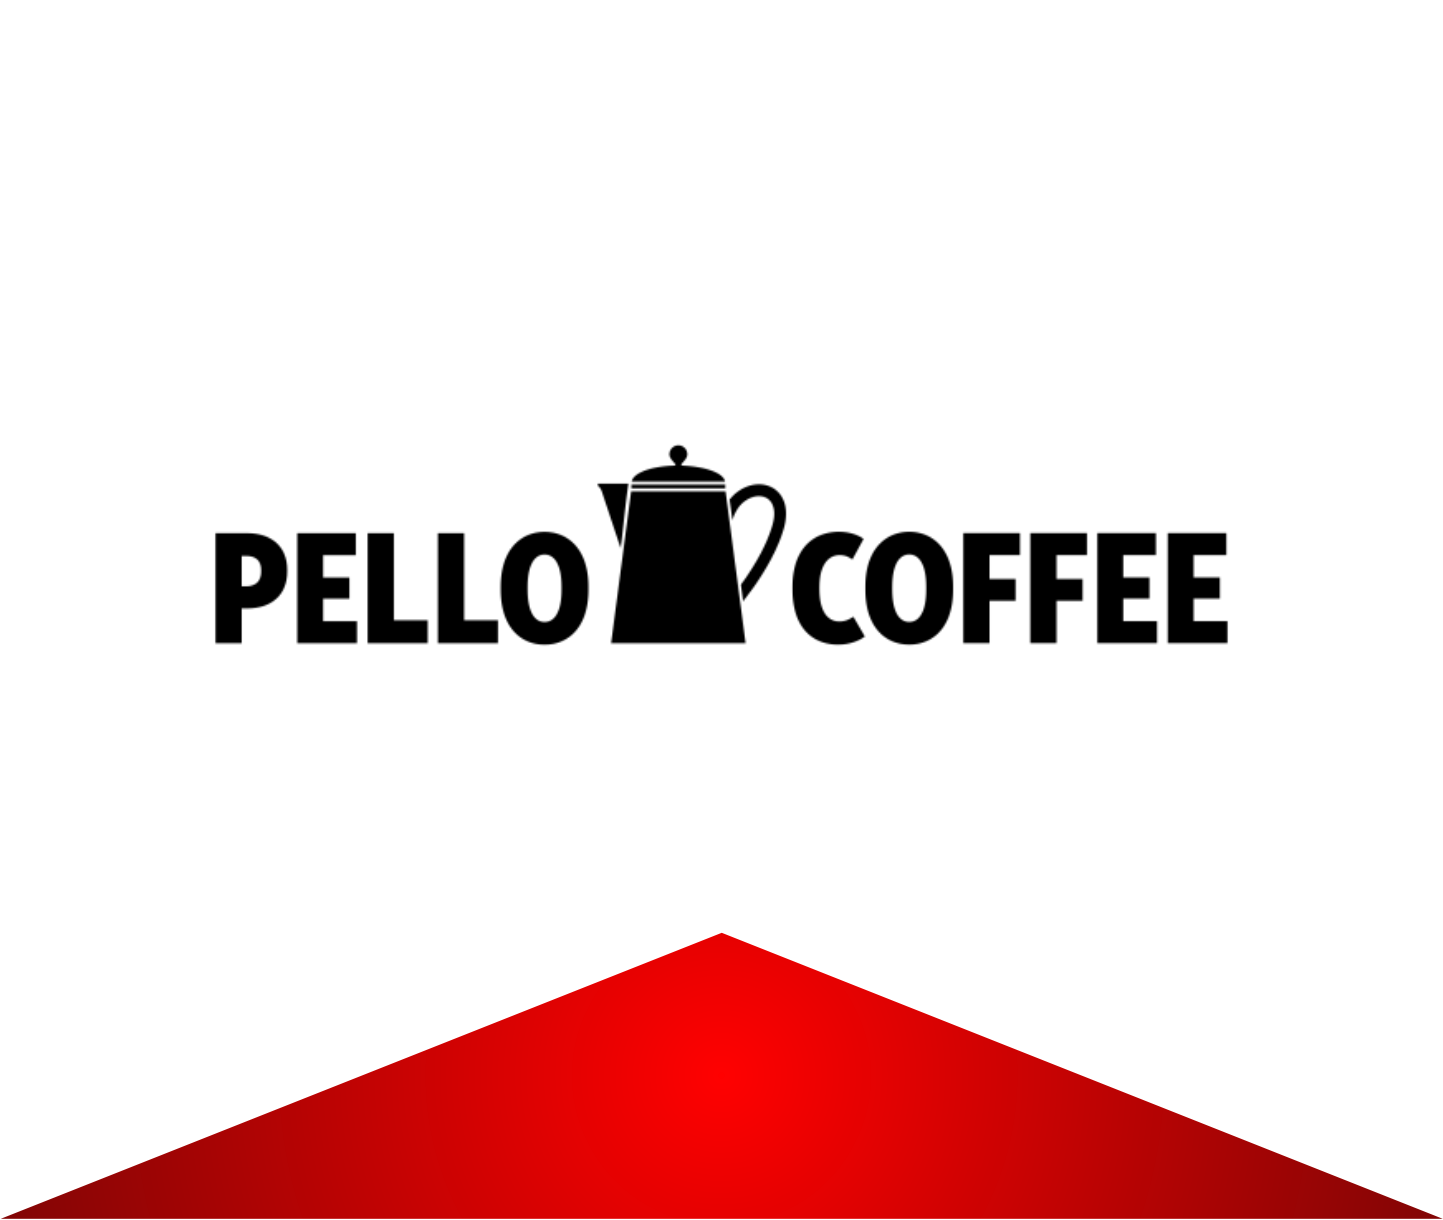 Pello Cafe